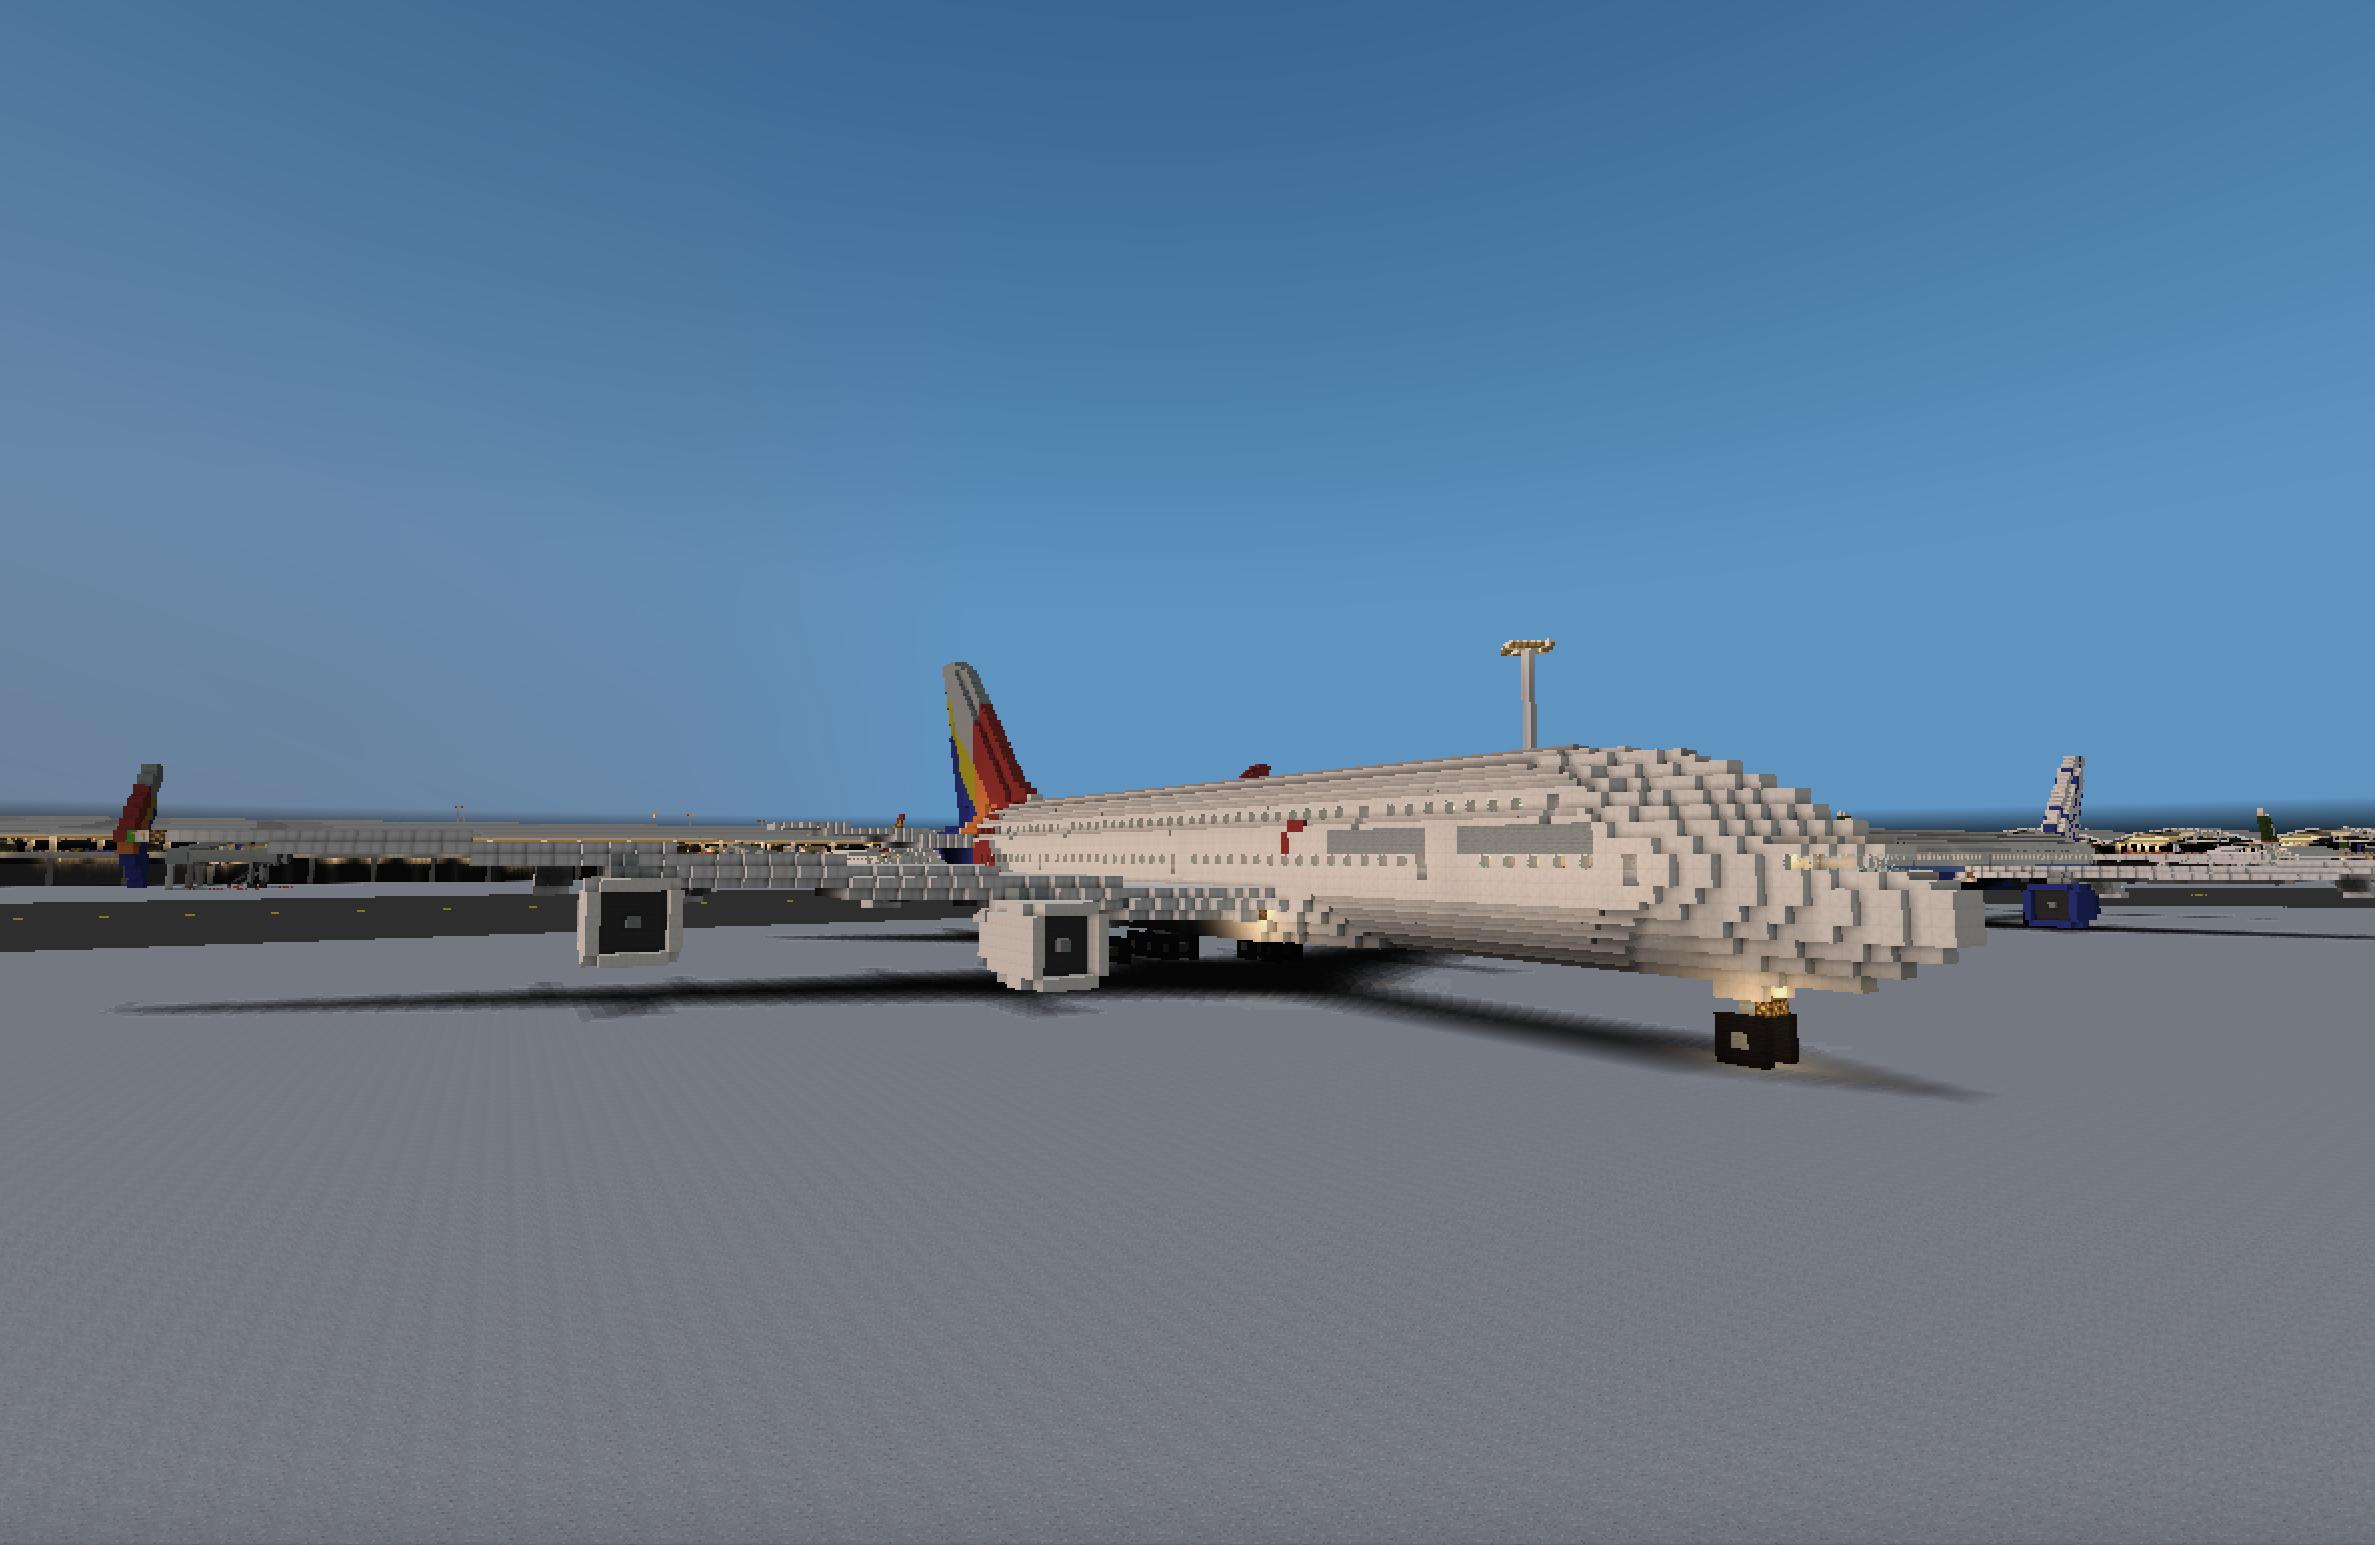 Hong kong international airport creative mode minecraft java edition minecraft forum - Delta airlines hong kong office ...